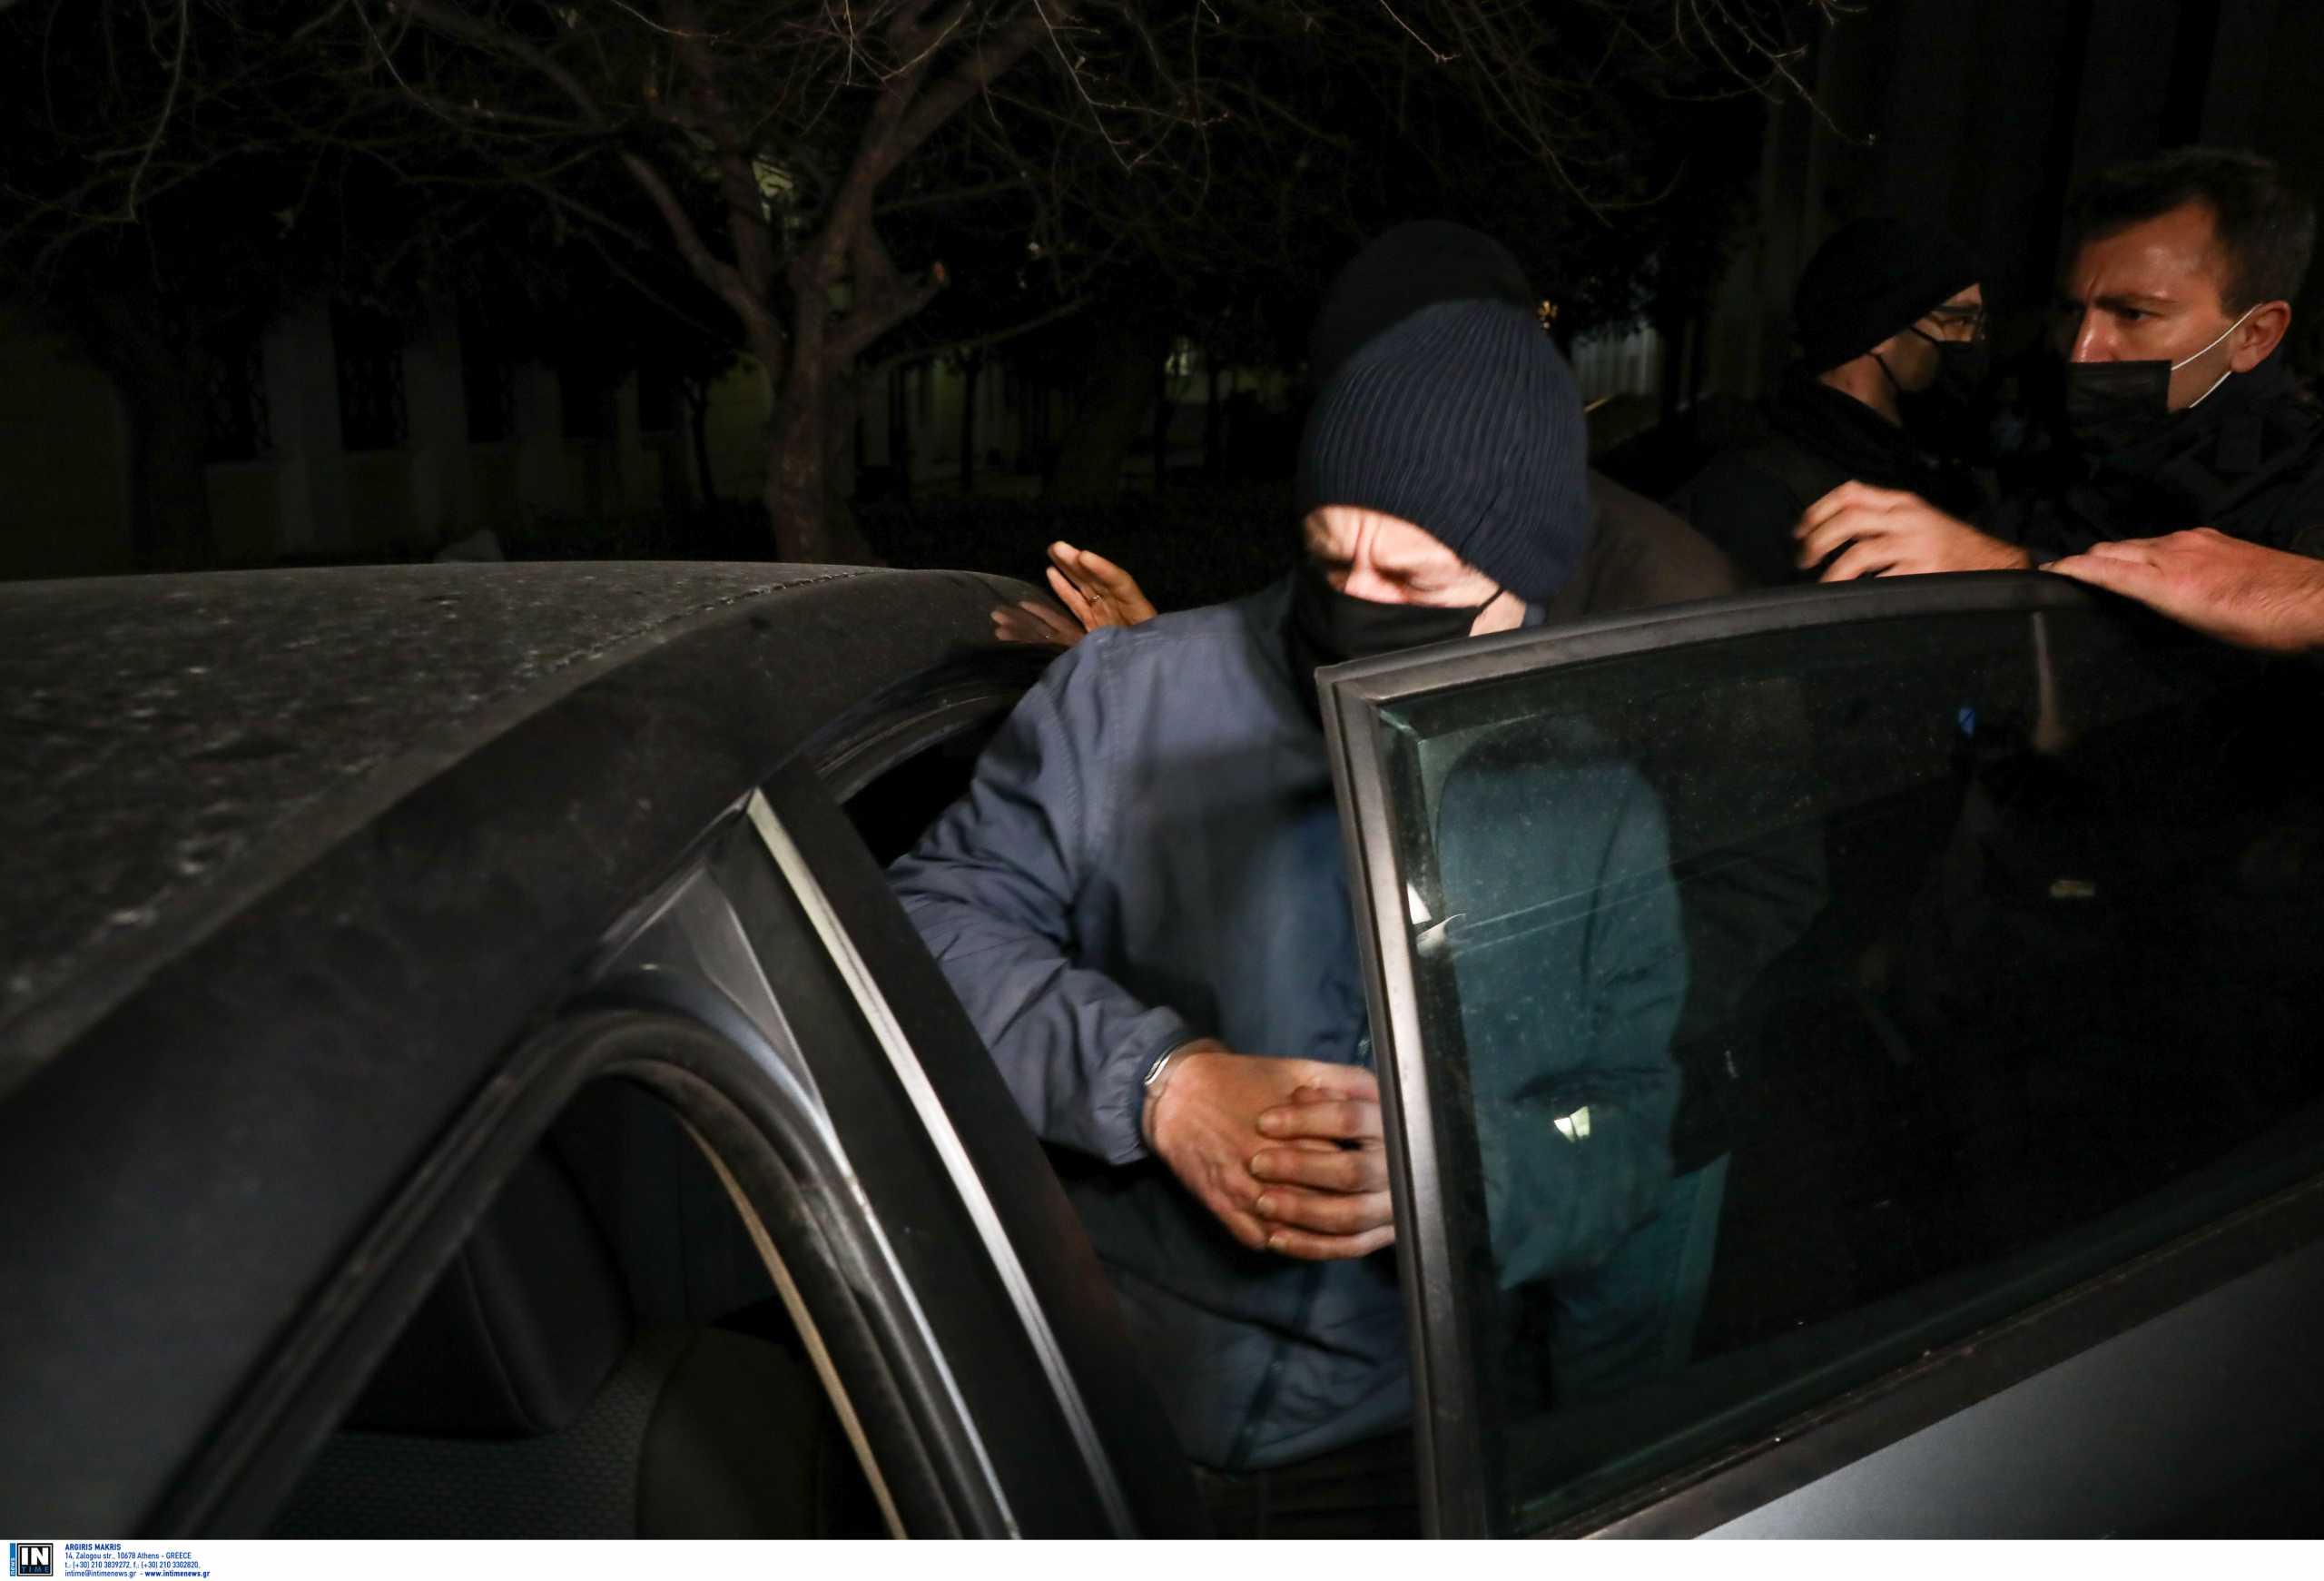 Ο Αλέξης Κούγιας απειλεί με μηνύσεις και καταθέτει προσφυγή